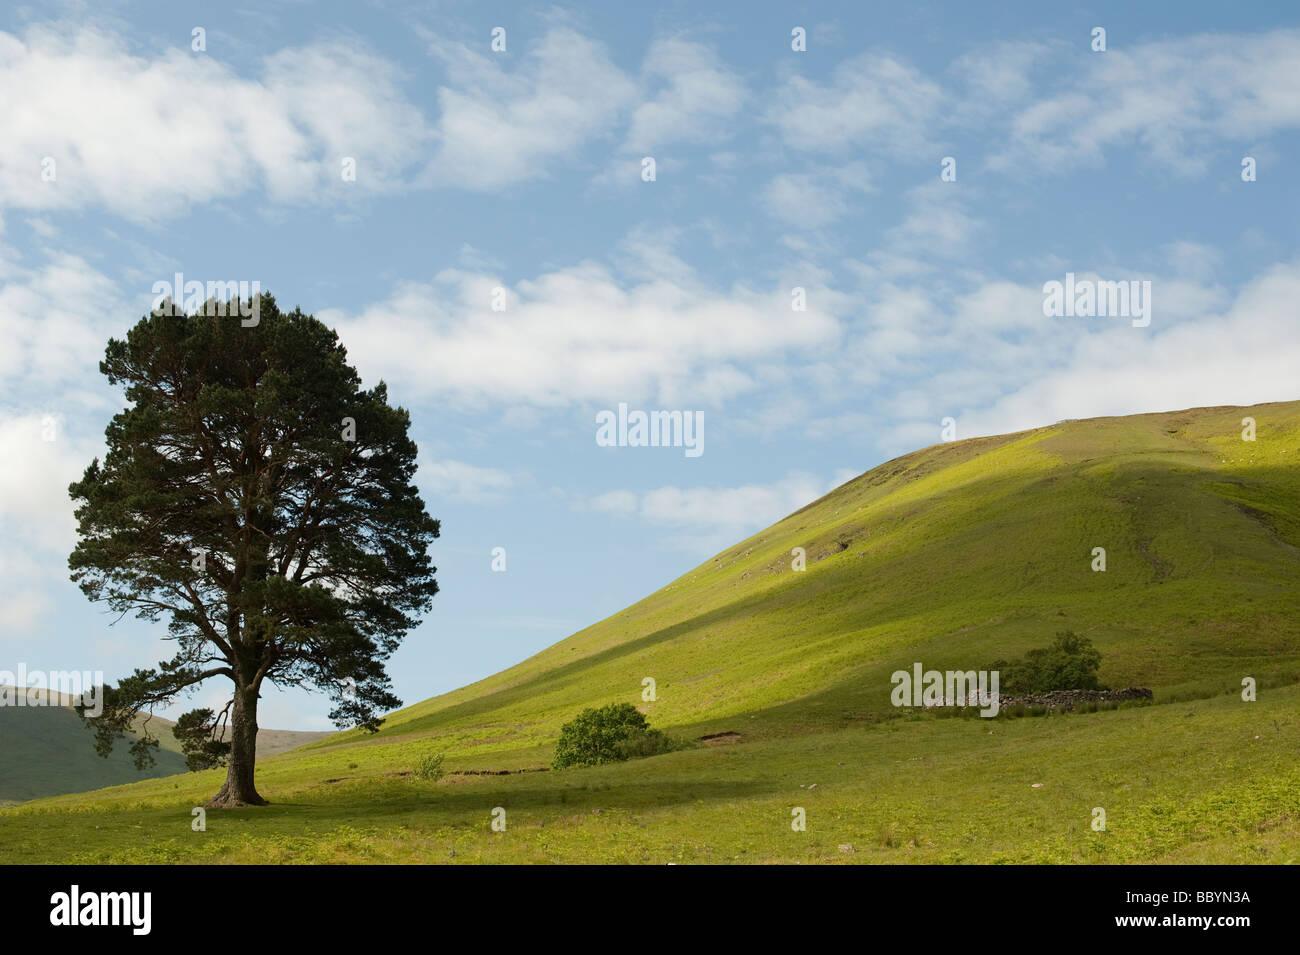 Pinus sylvestris. Unico di pino silvestre tree nelle colline della frontiera scozzese campagna. Scozia Immagini Stock